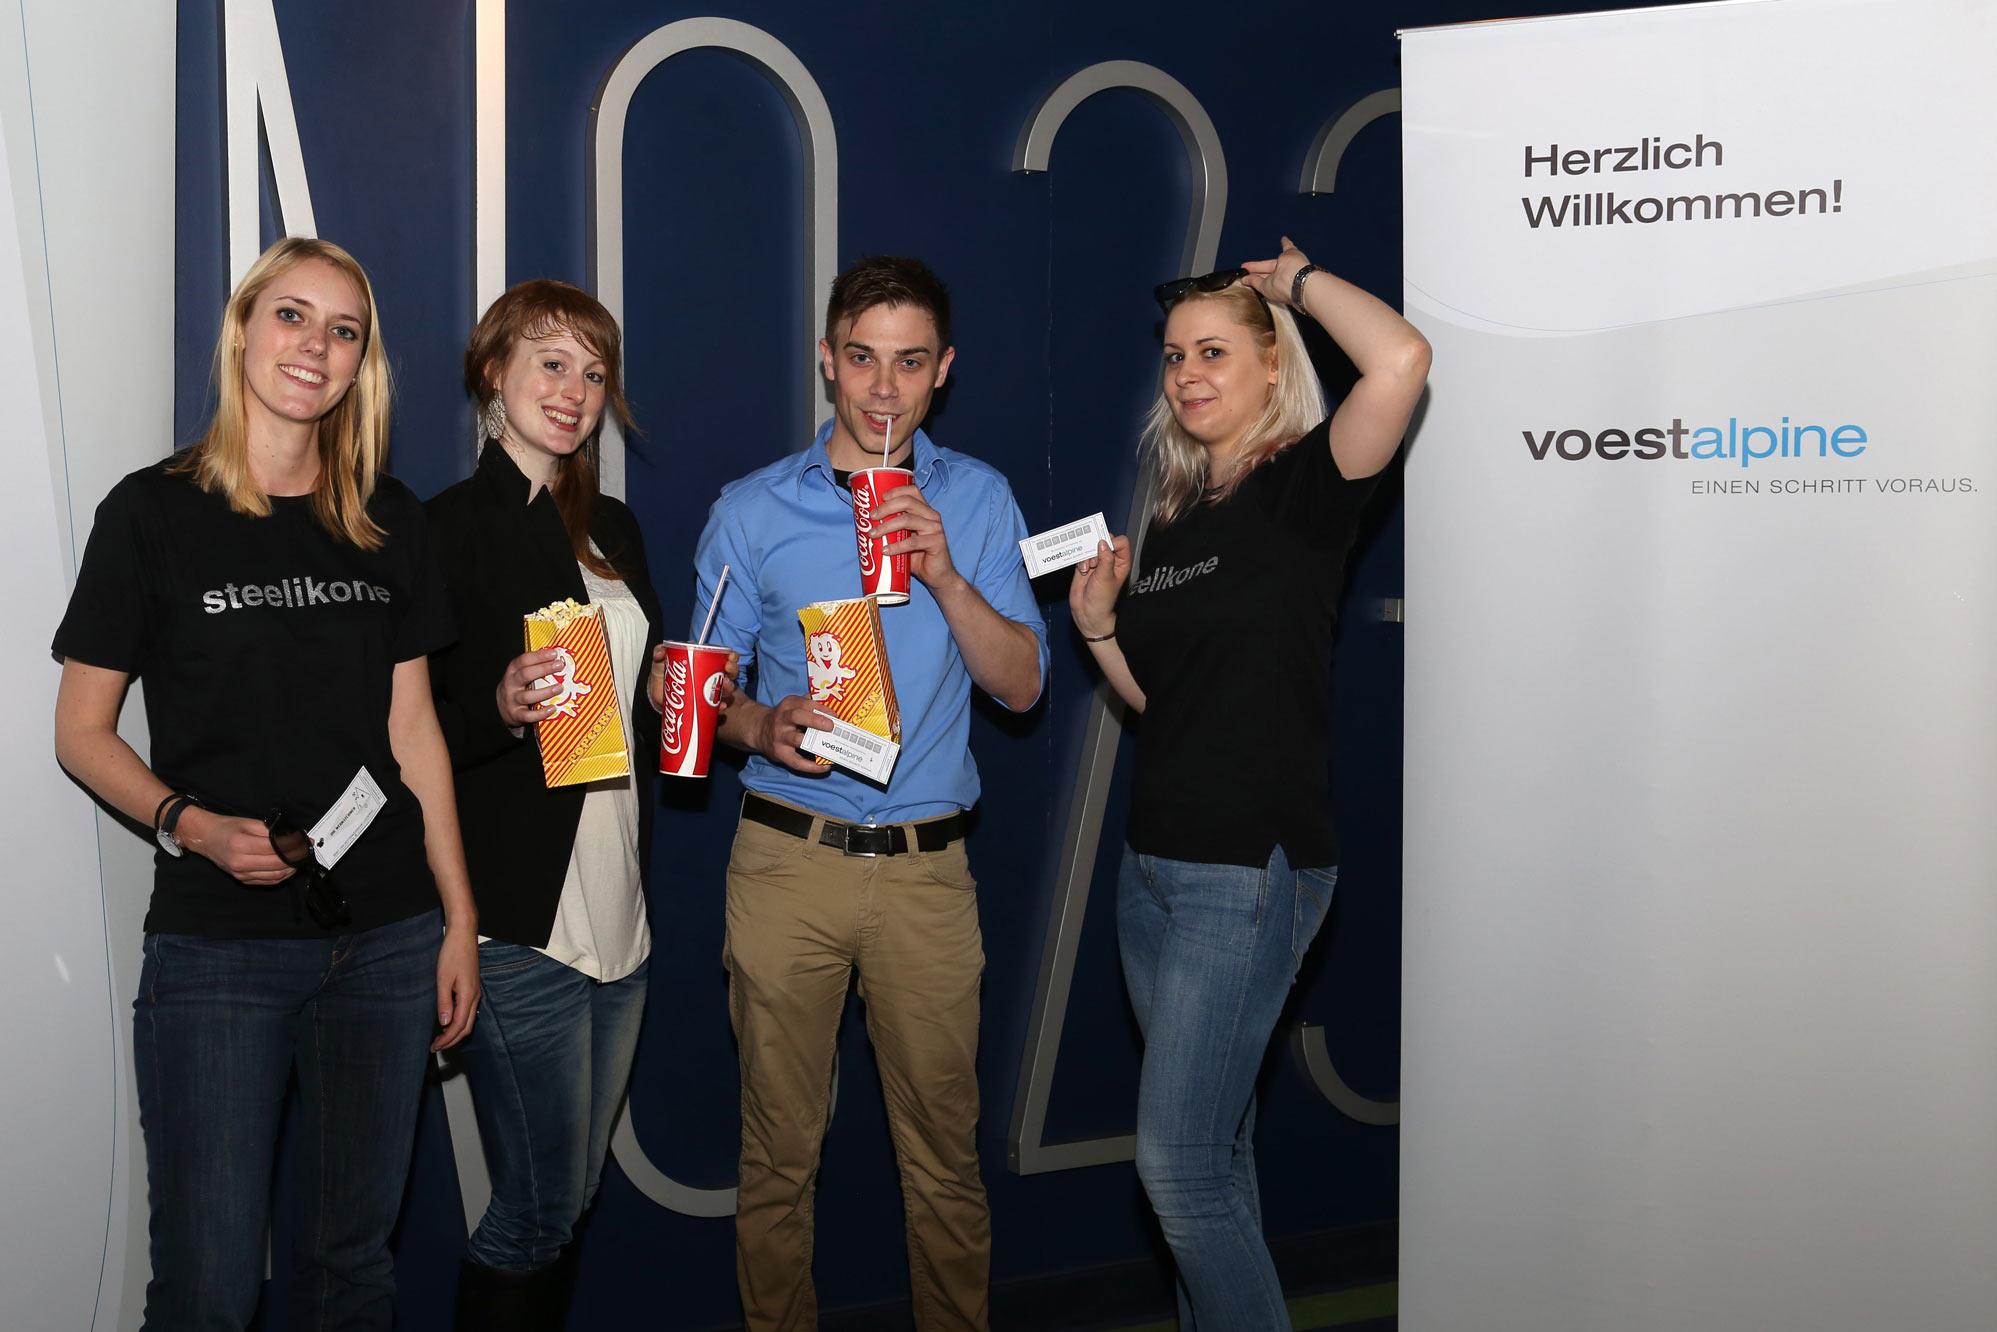 Sporthalle Leoben - Donawitz - volunteeralert.com